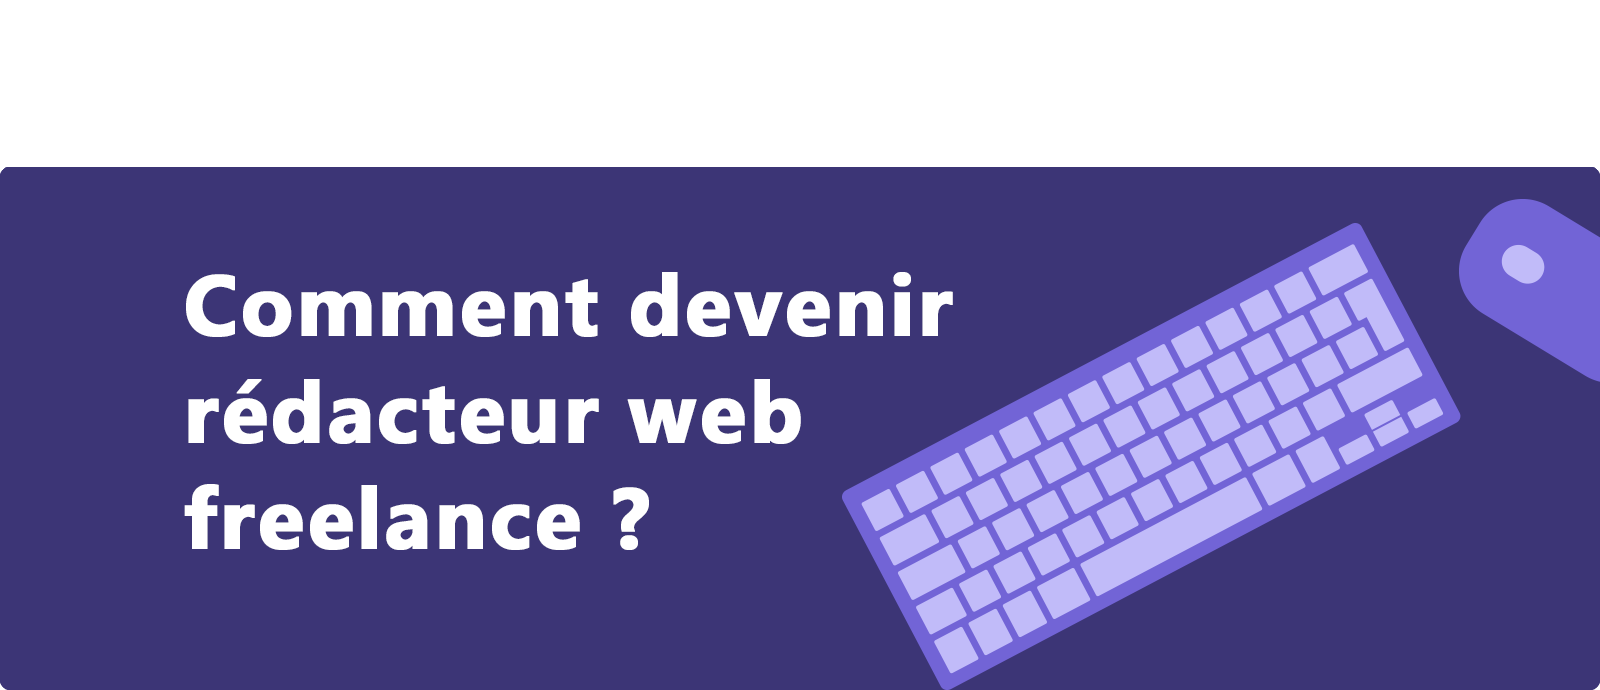 Comment devenir rédacteur web freelance ?